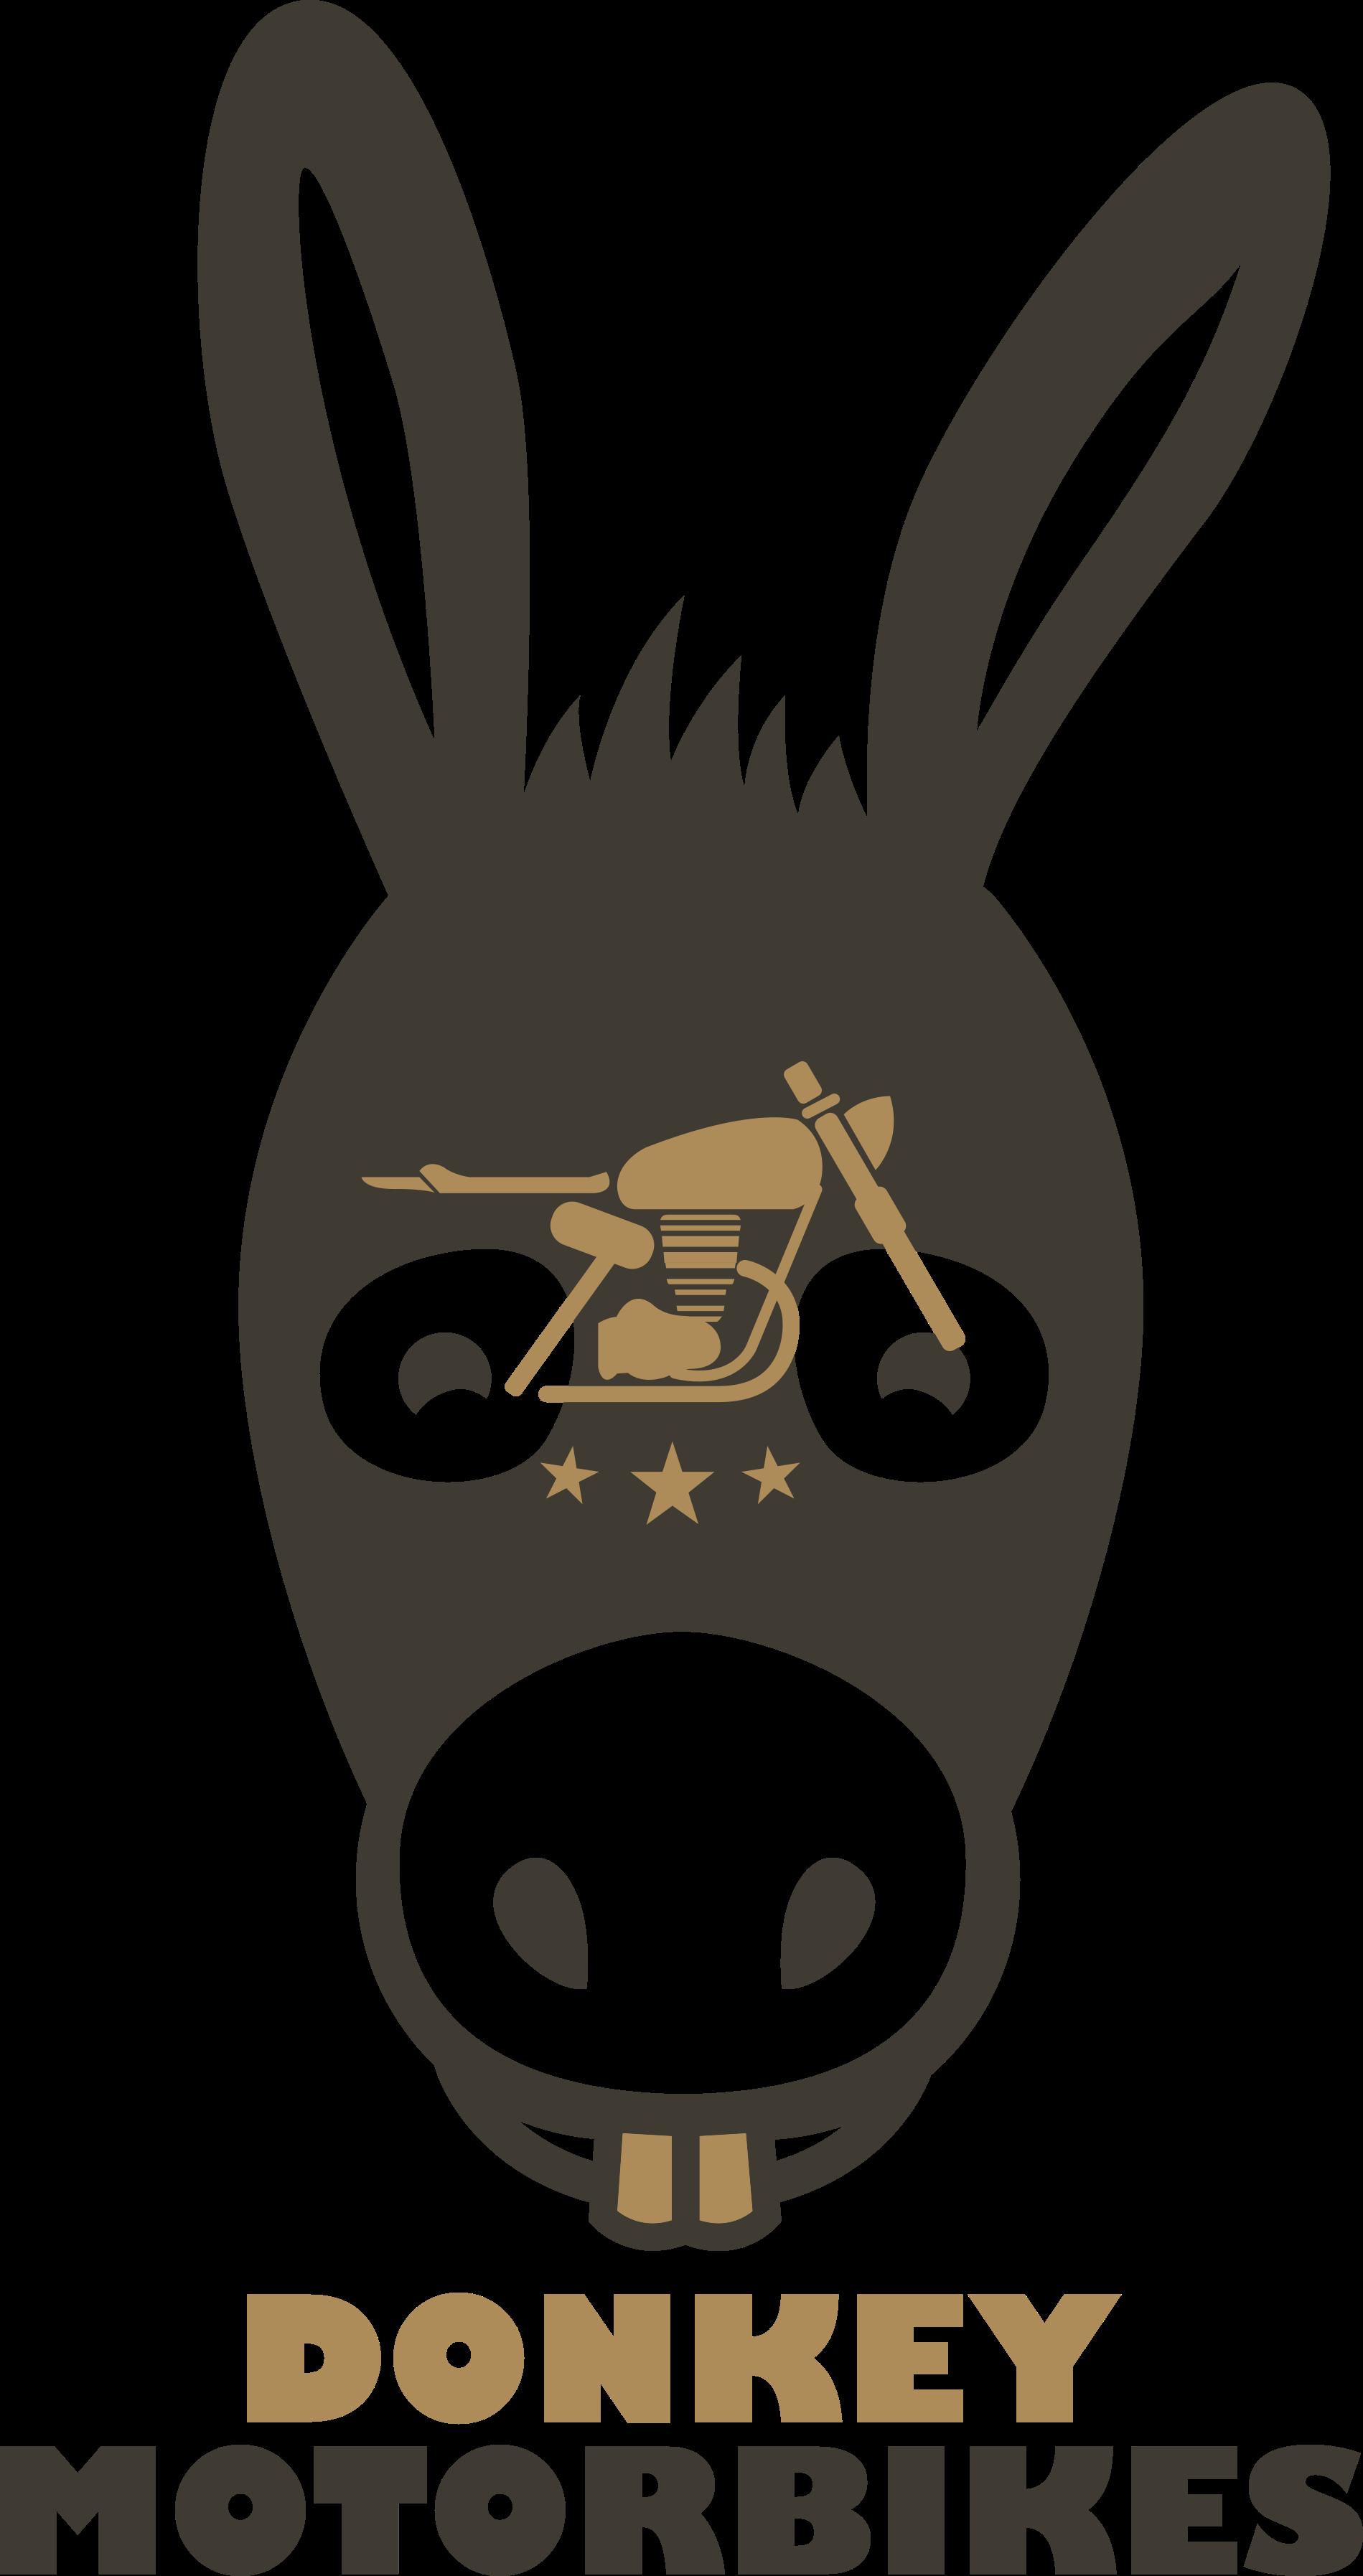 Suscripción a Donkey Motorbikes